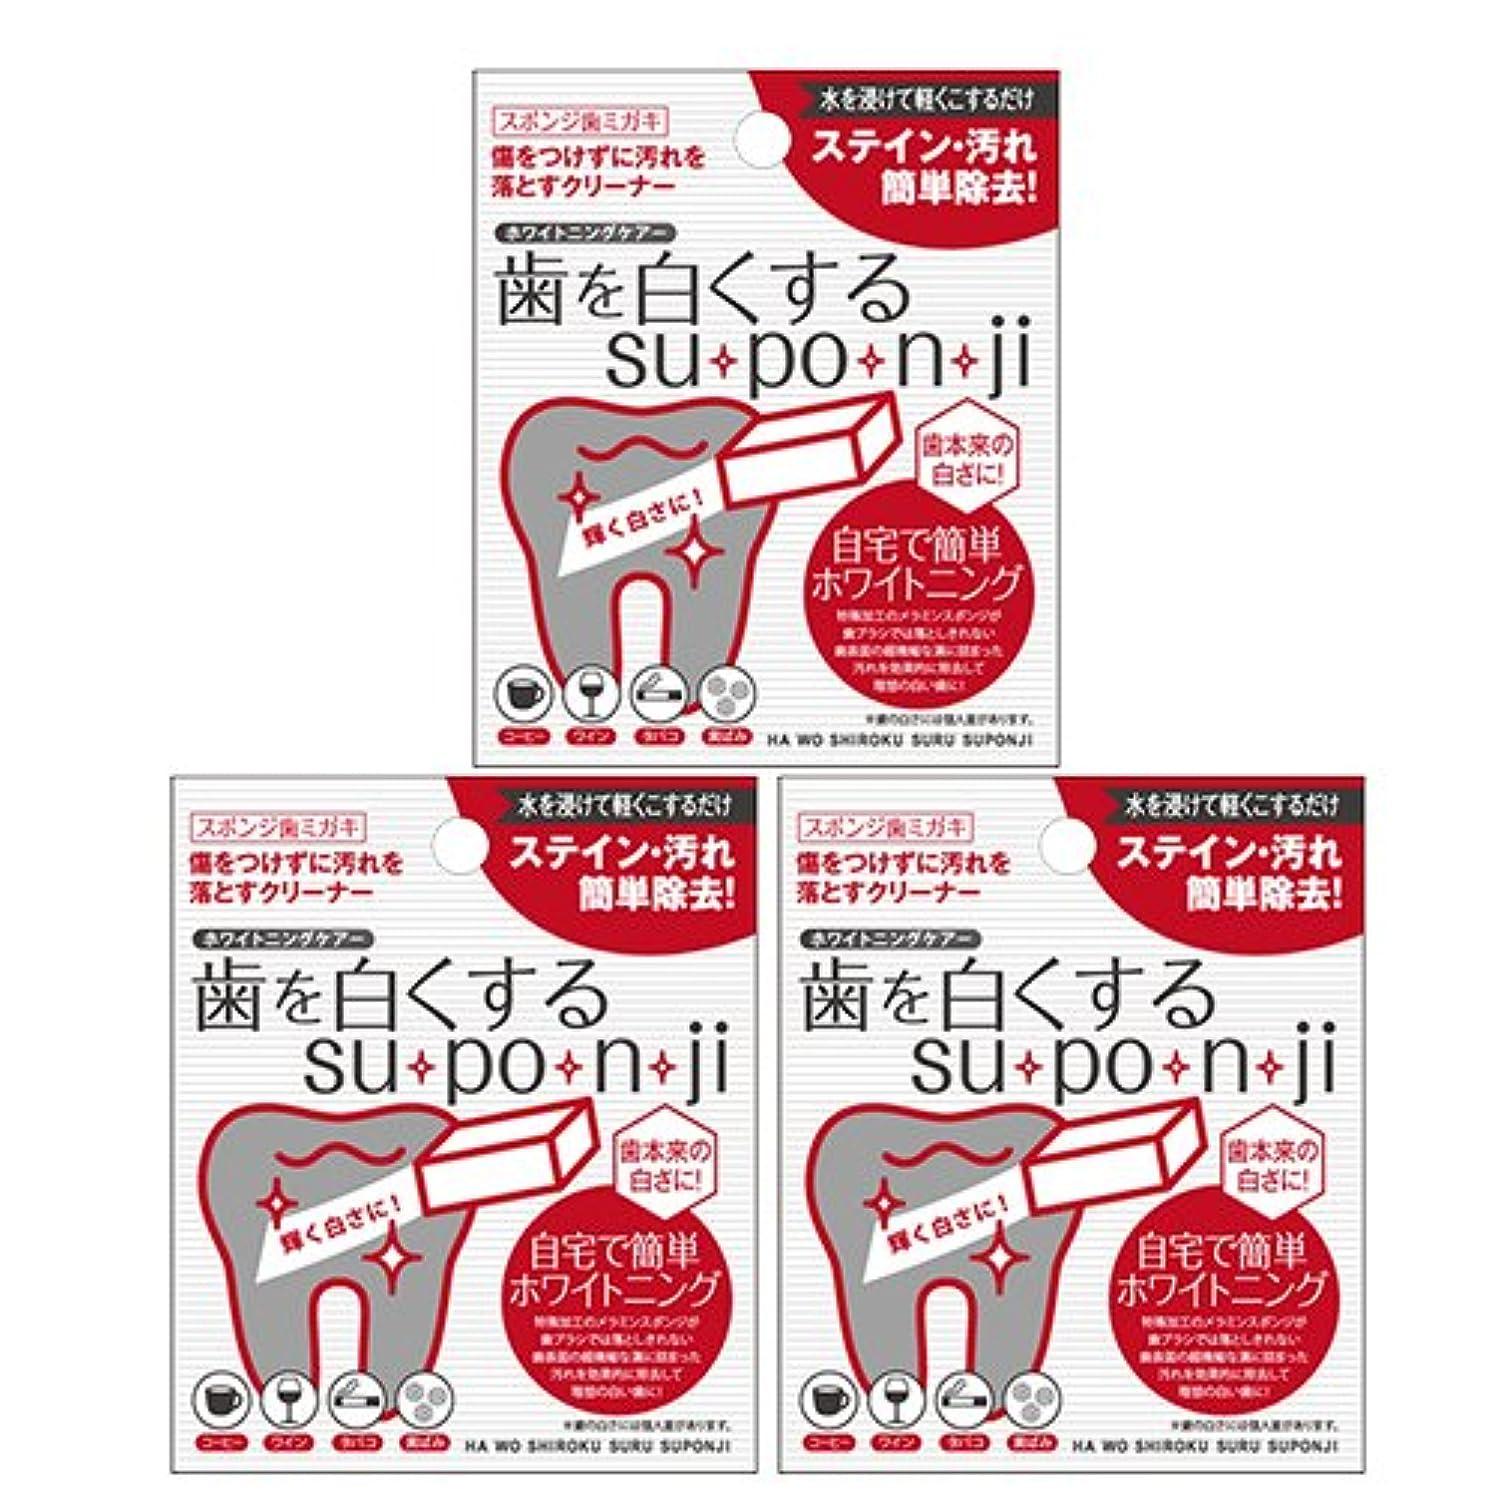 飼い慣らす失効抹消歯を白くする su?po?n?ji スポンジ 歯みがき ×3個セット